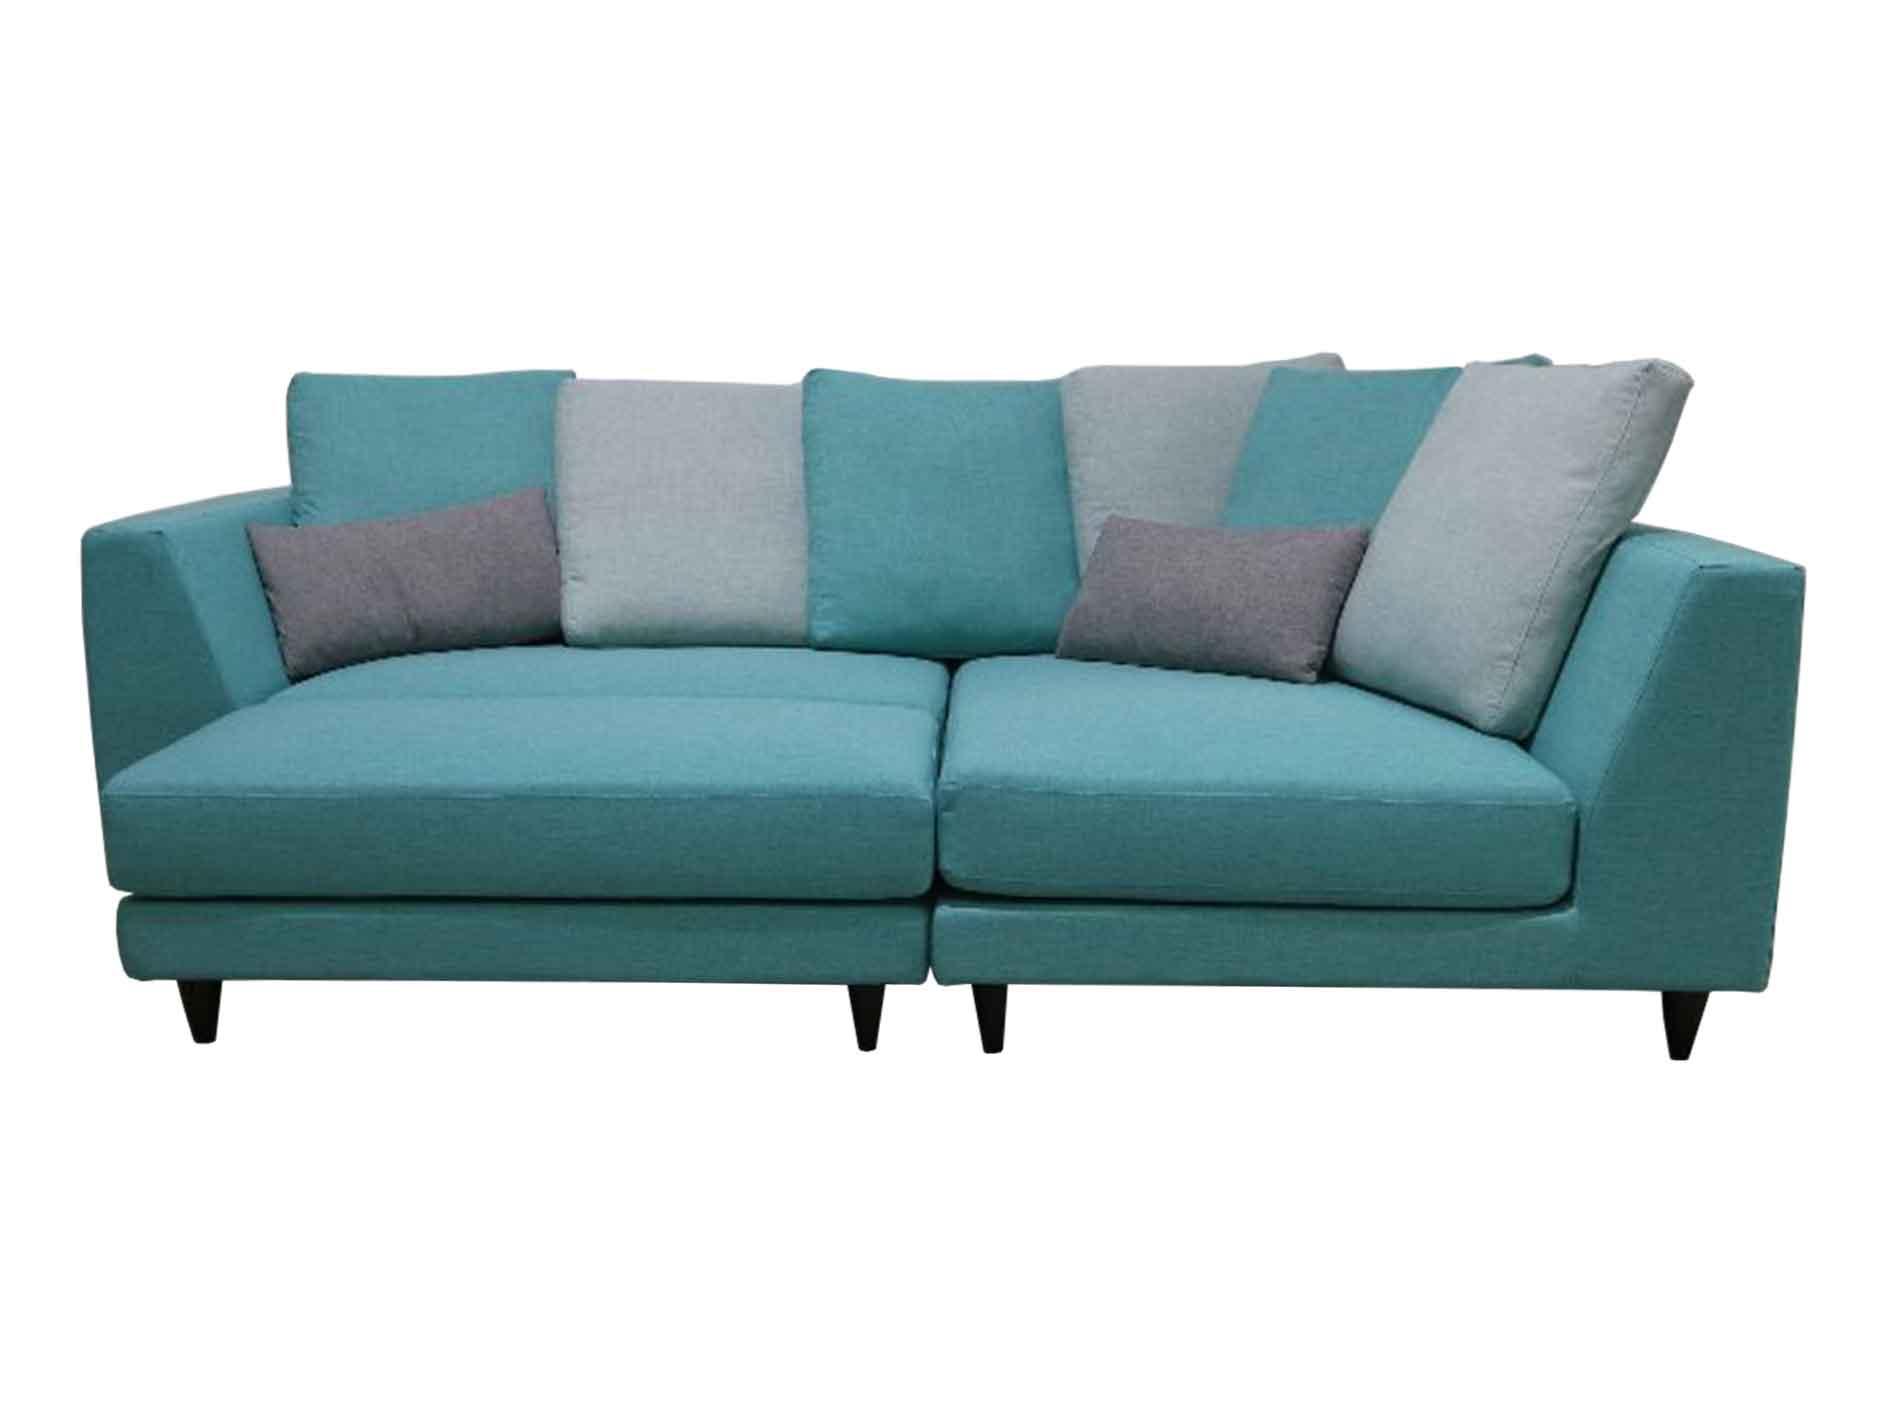 Valerio Designer Italian Fabric Sofa 3536 3 Seater L